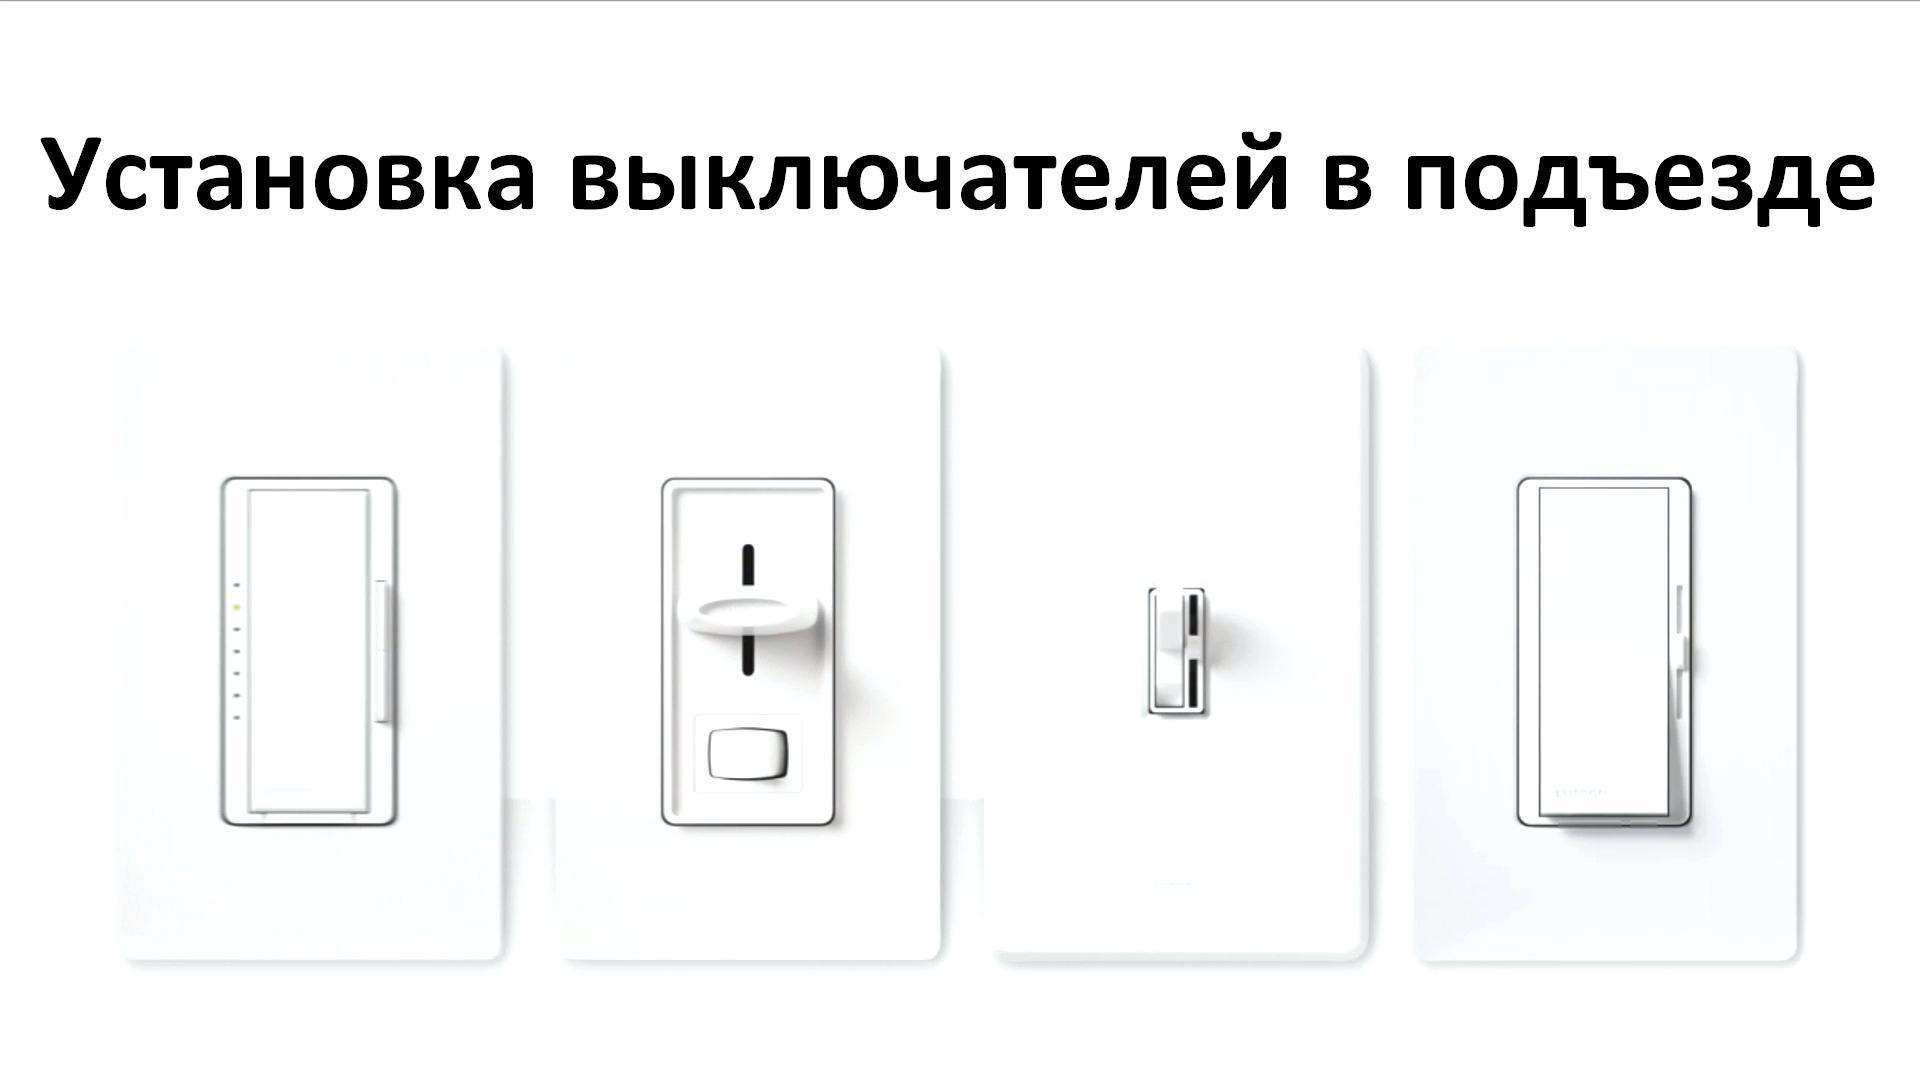 Установка выключателей в подъезде